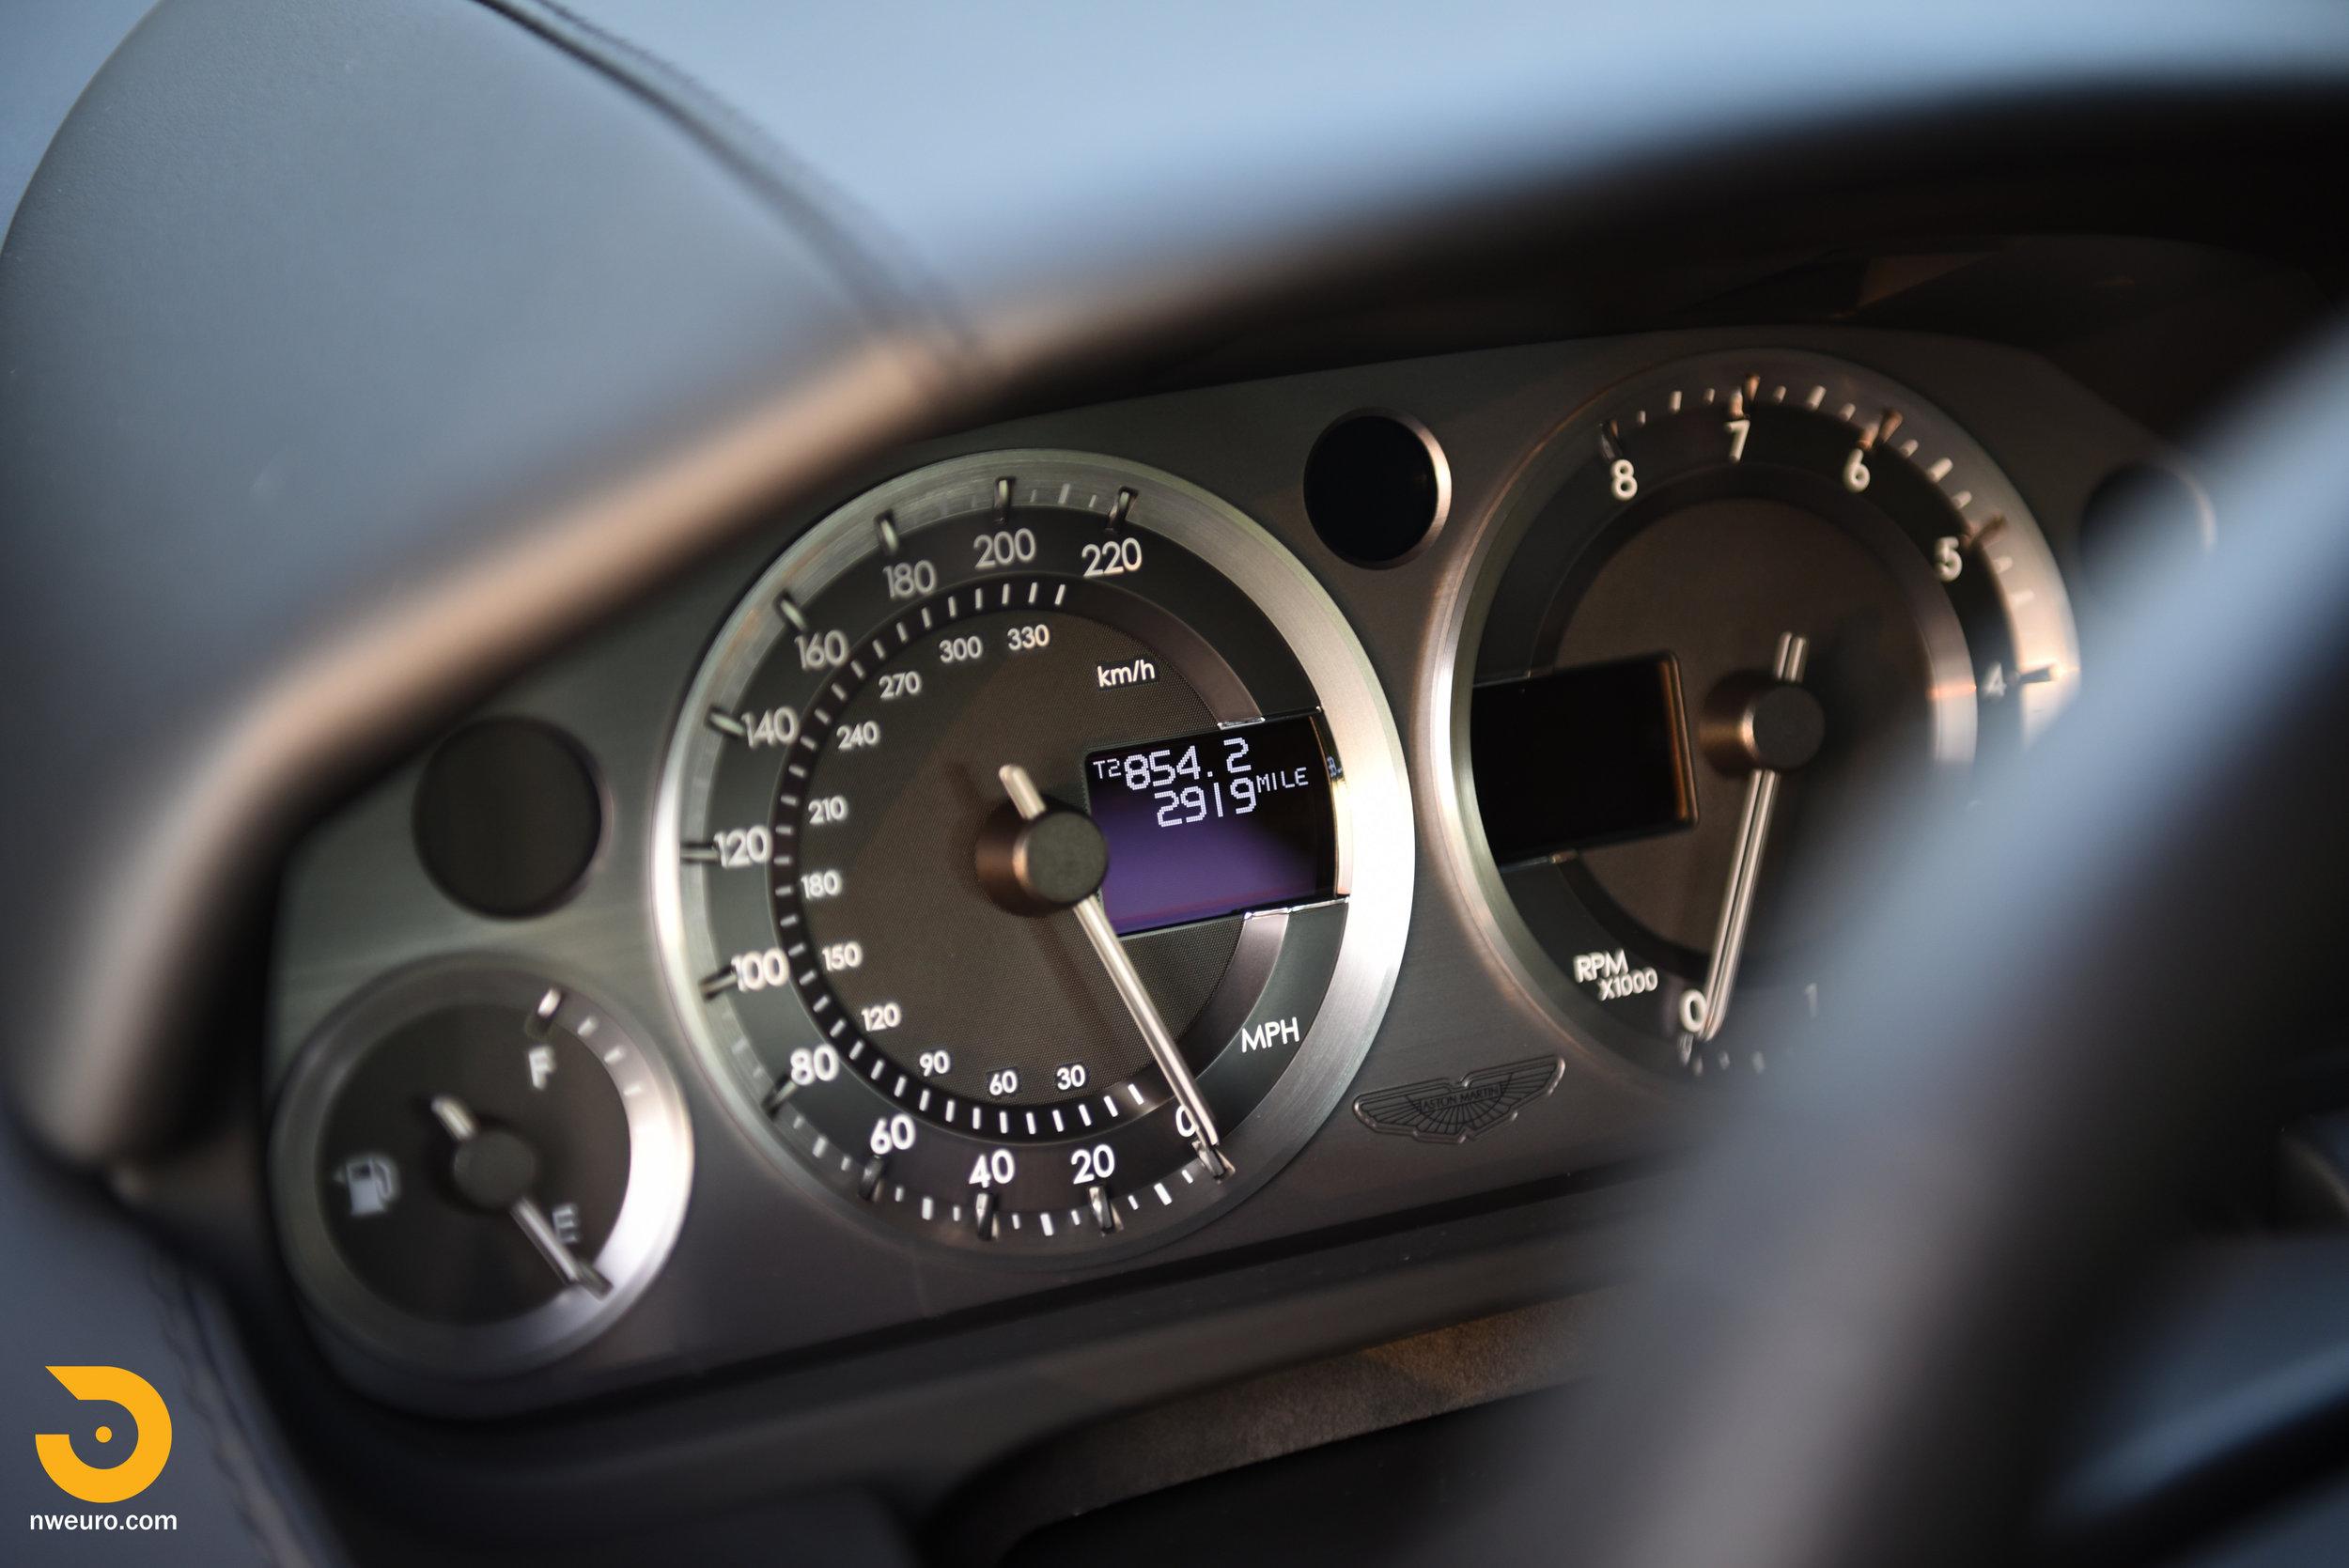 2009 Aston Martin V8 Vantage-35.jpg